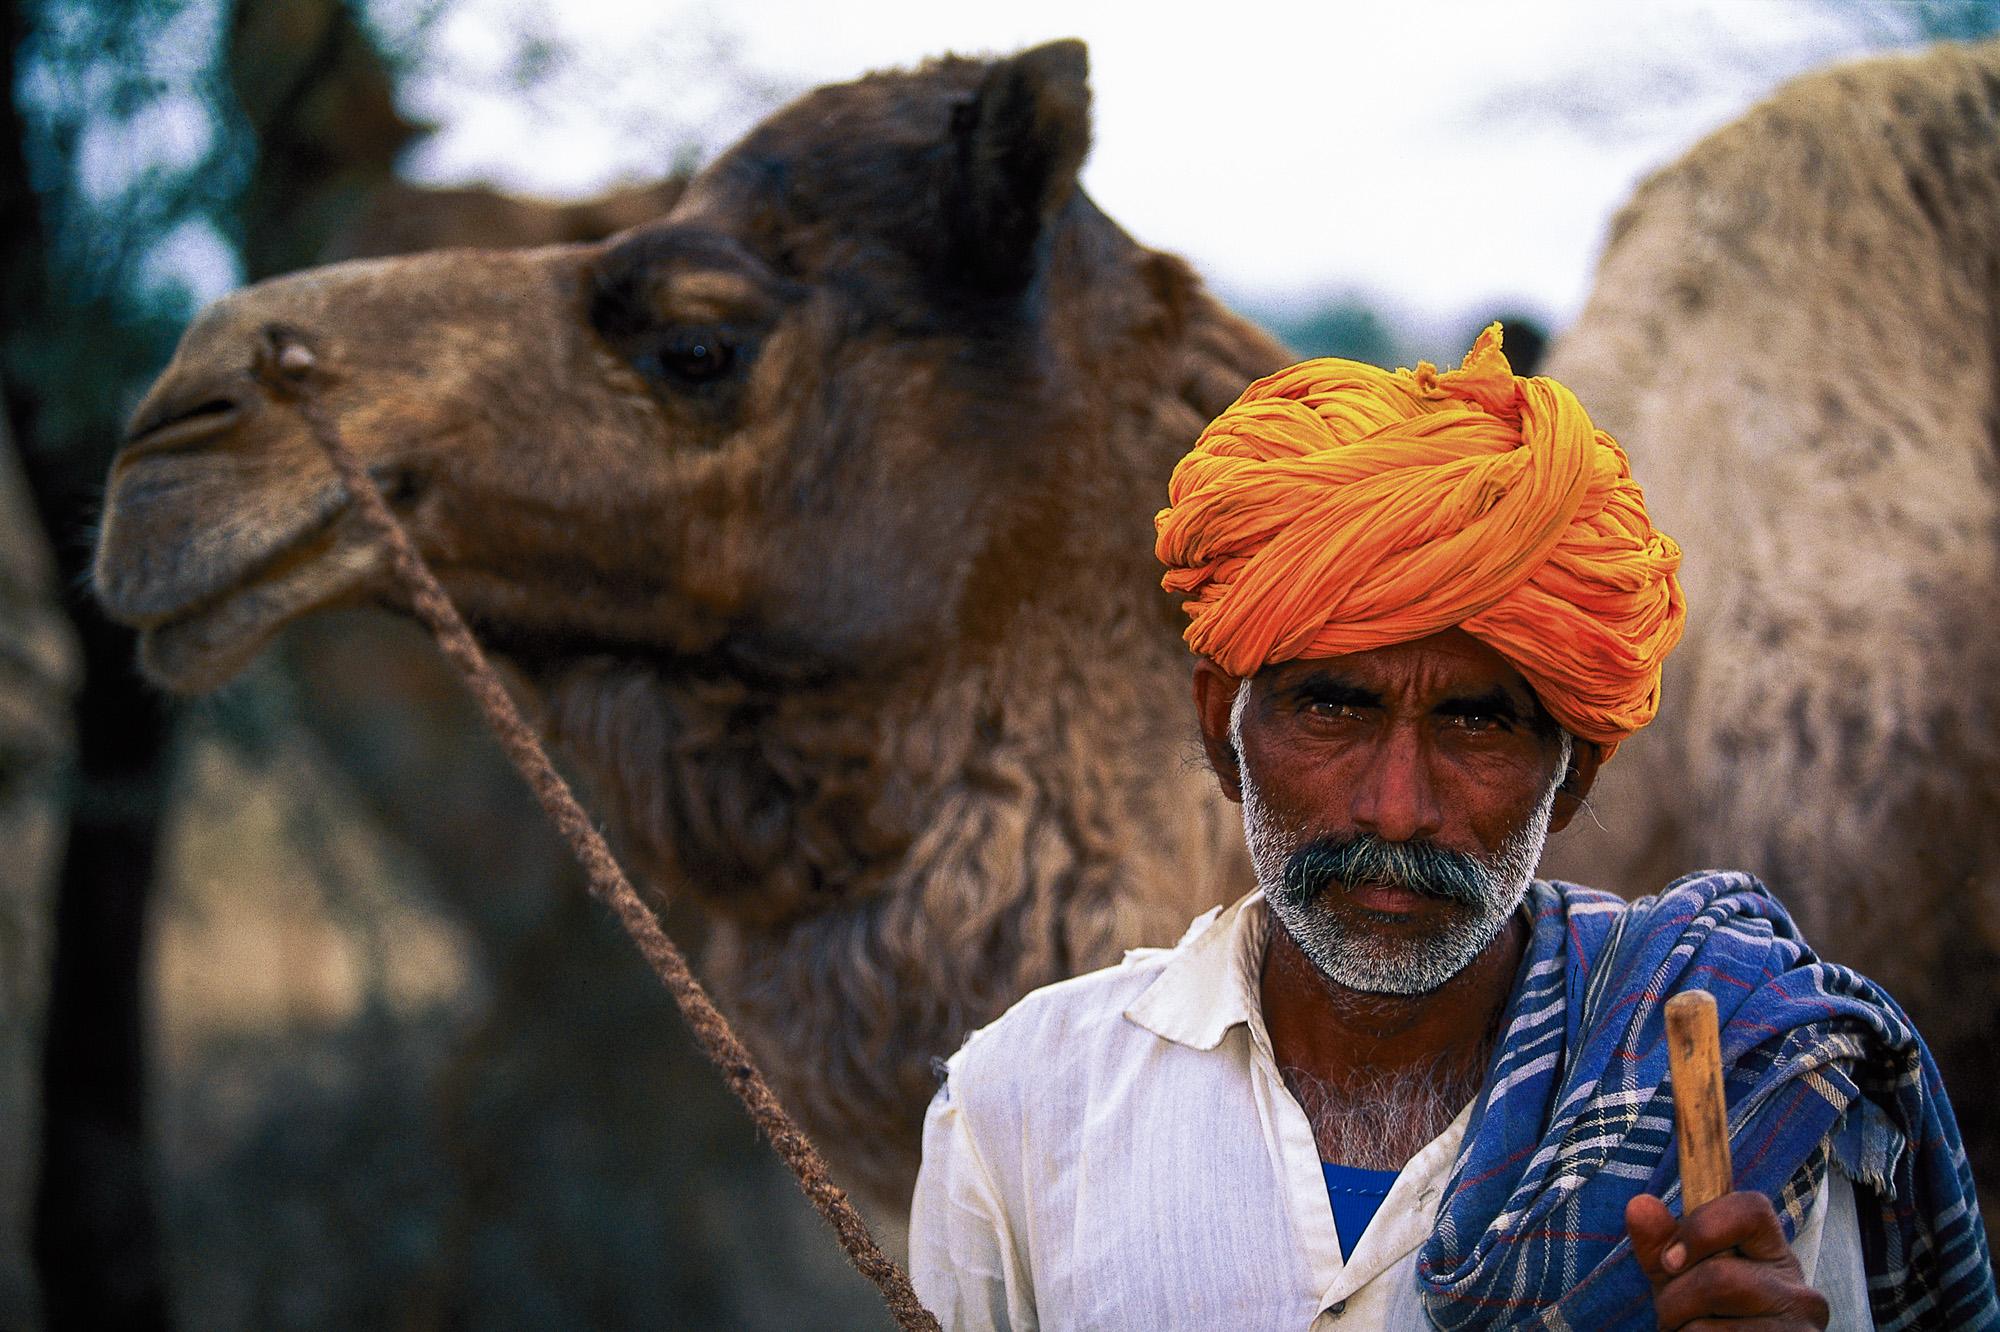 Camel herdsman, Rajasthan, India